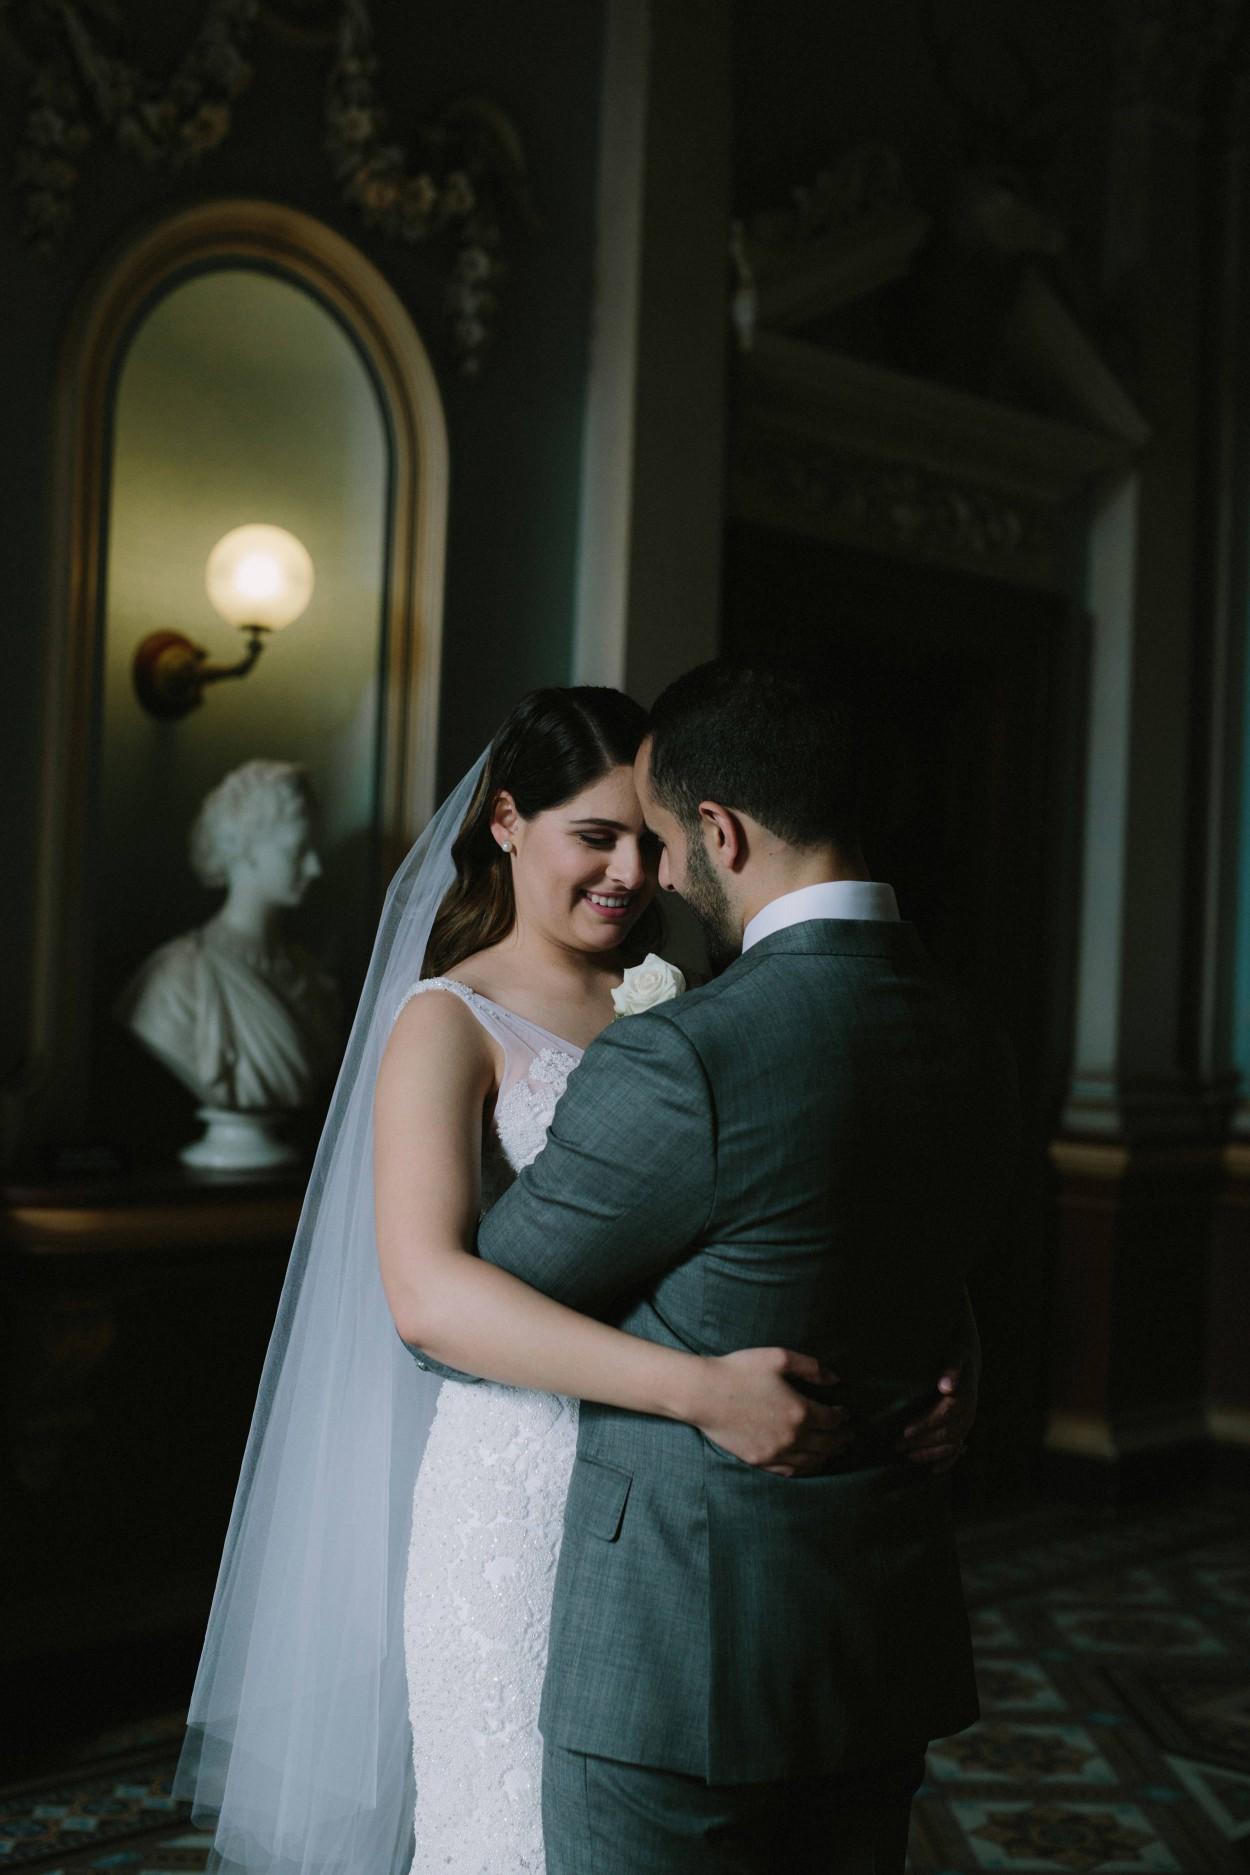 I-Got-You-Babe-&-Co.-Wedding-Photographers-Milina024.jpg